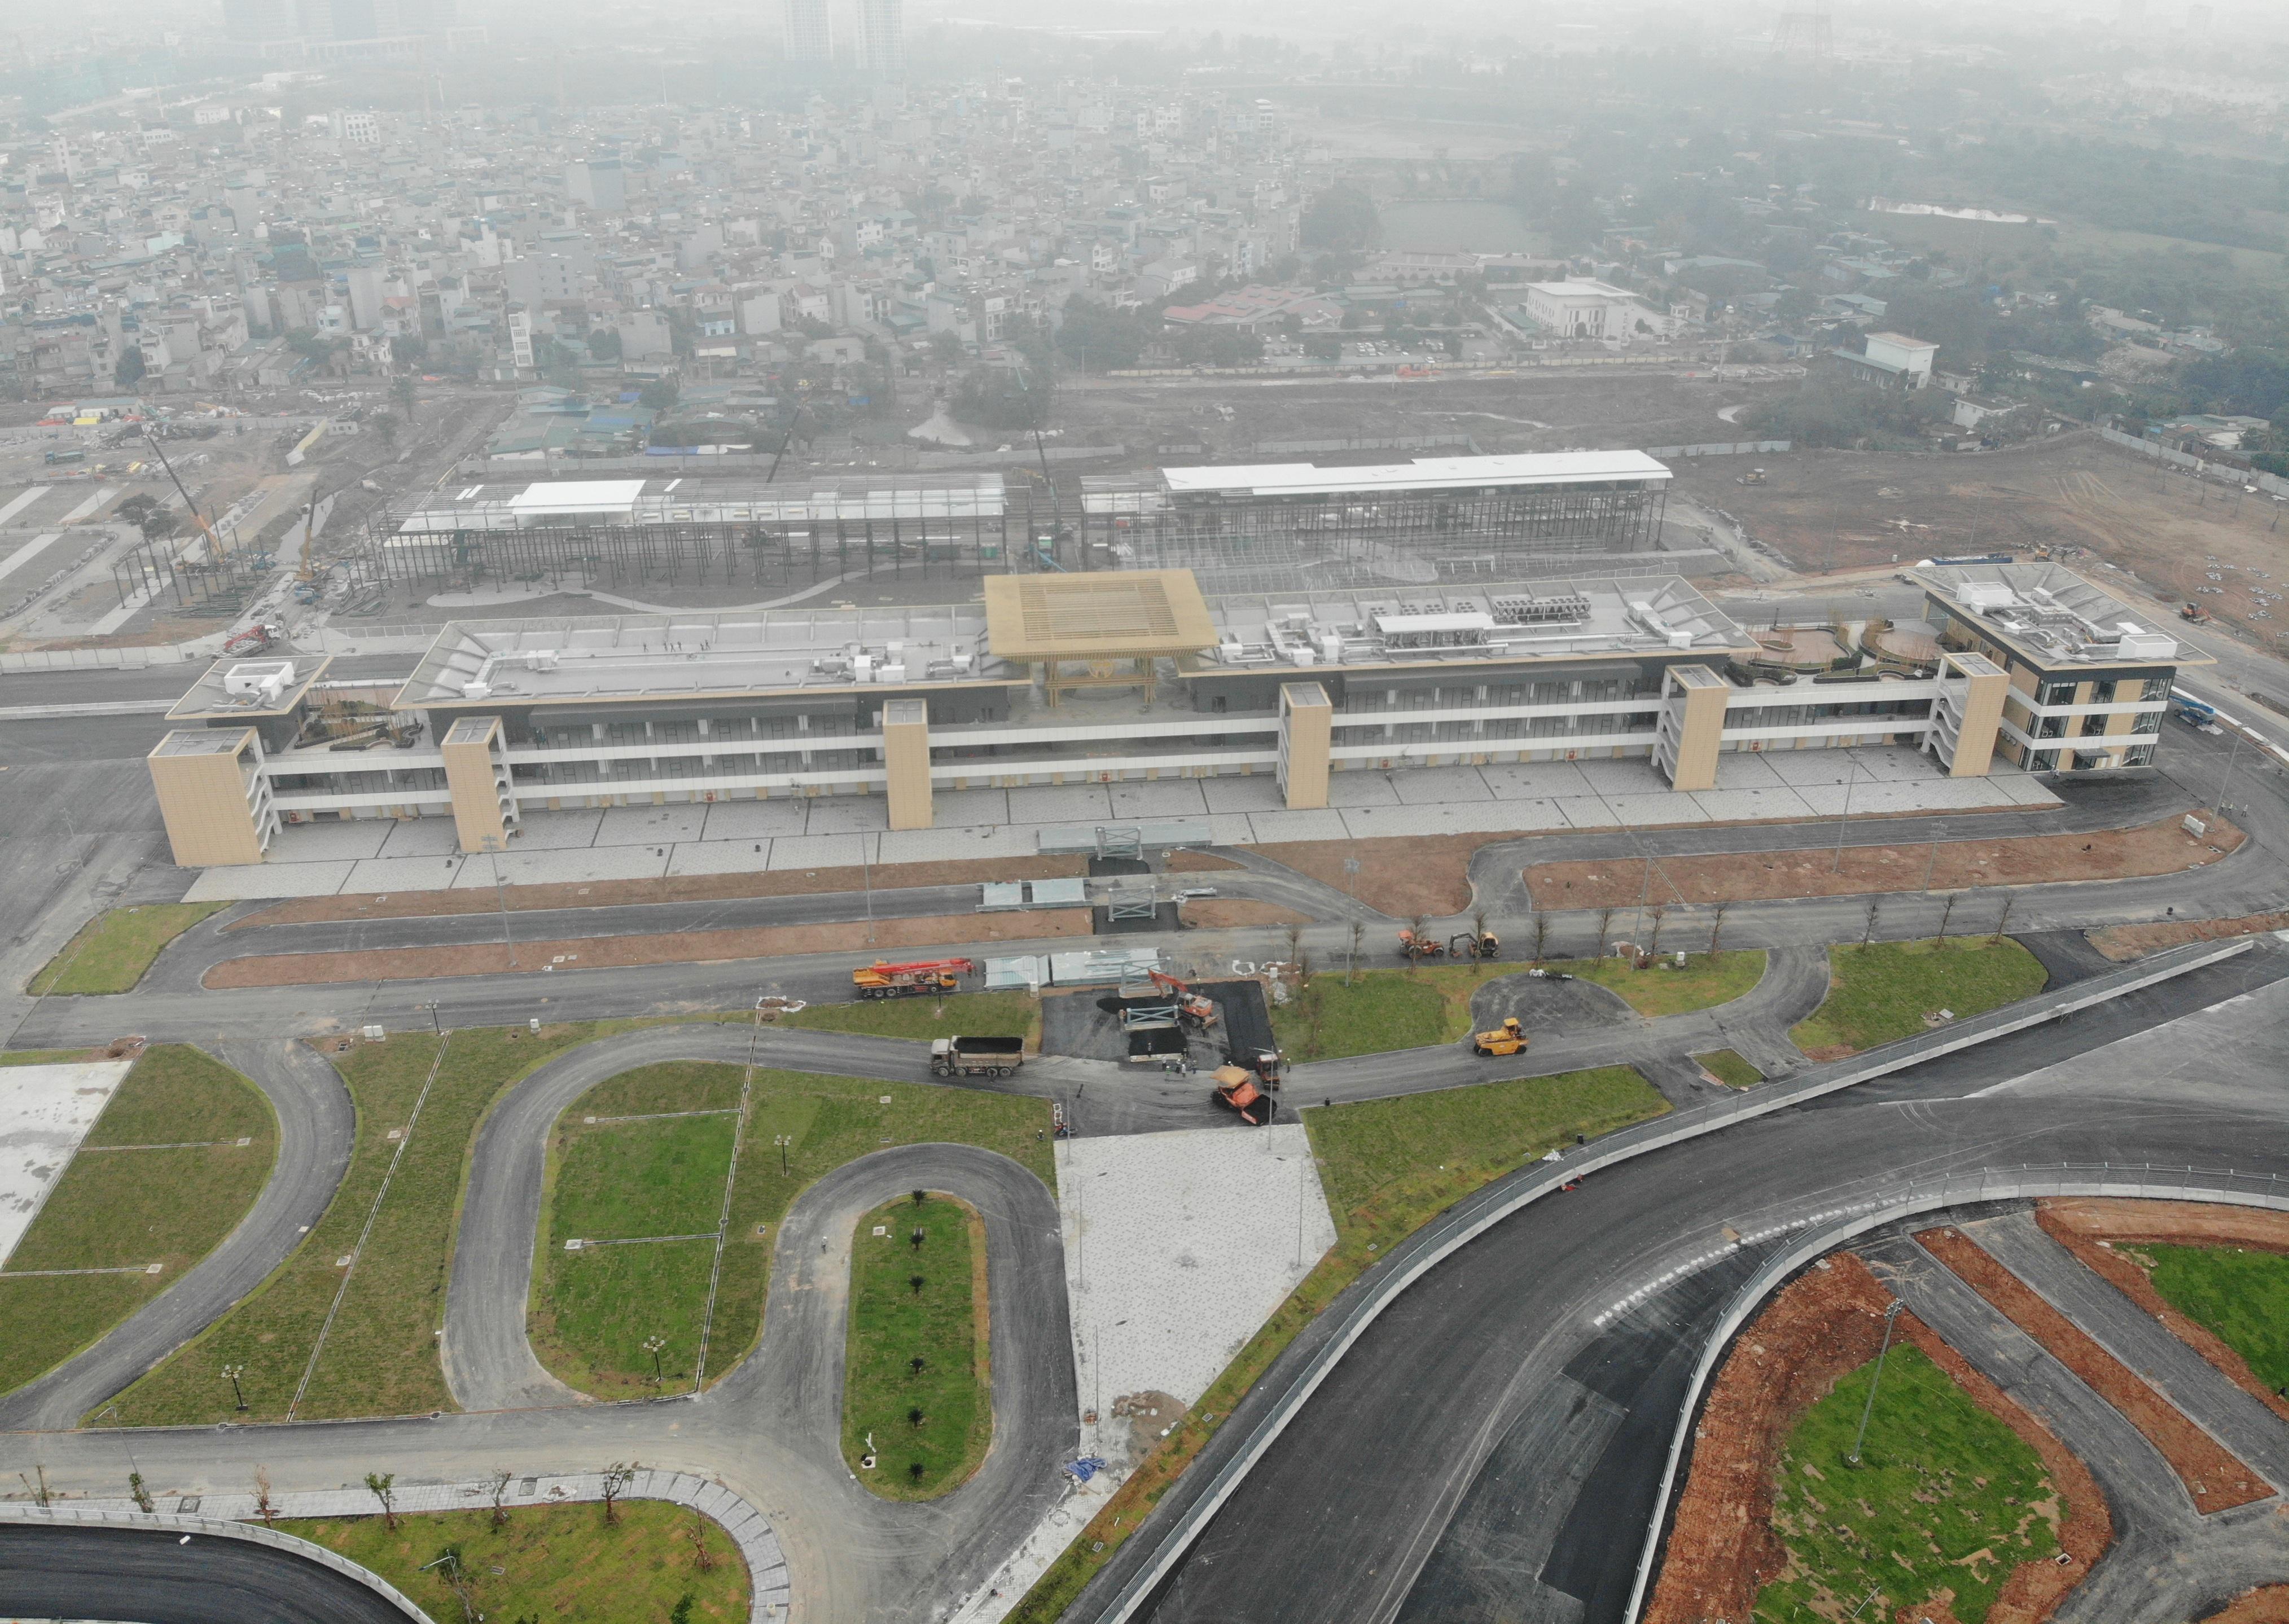 Đường đua F1 ở Hà Nội giờ ra sao khi sắp đến ngày khởi tranh? - 1